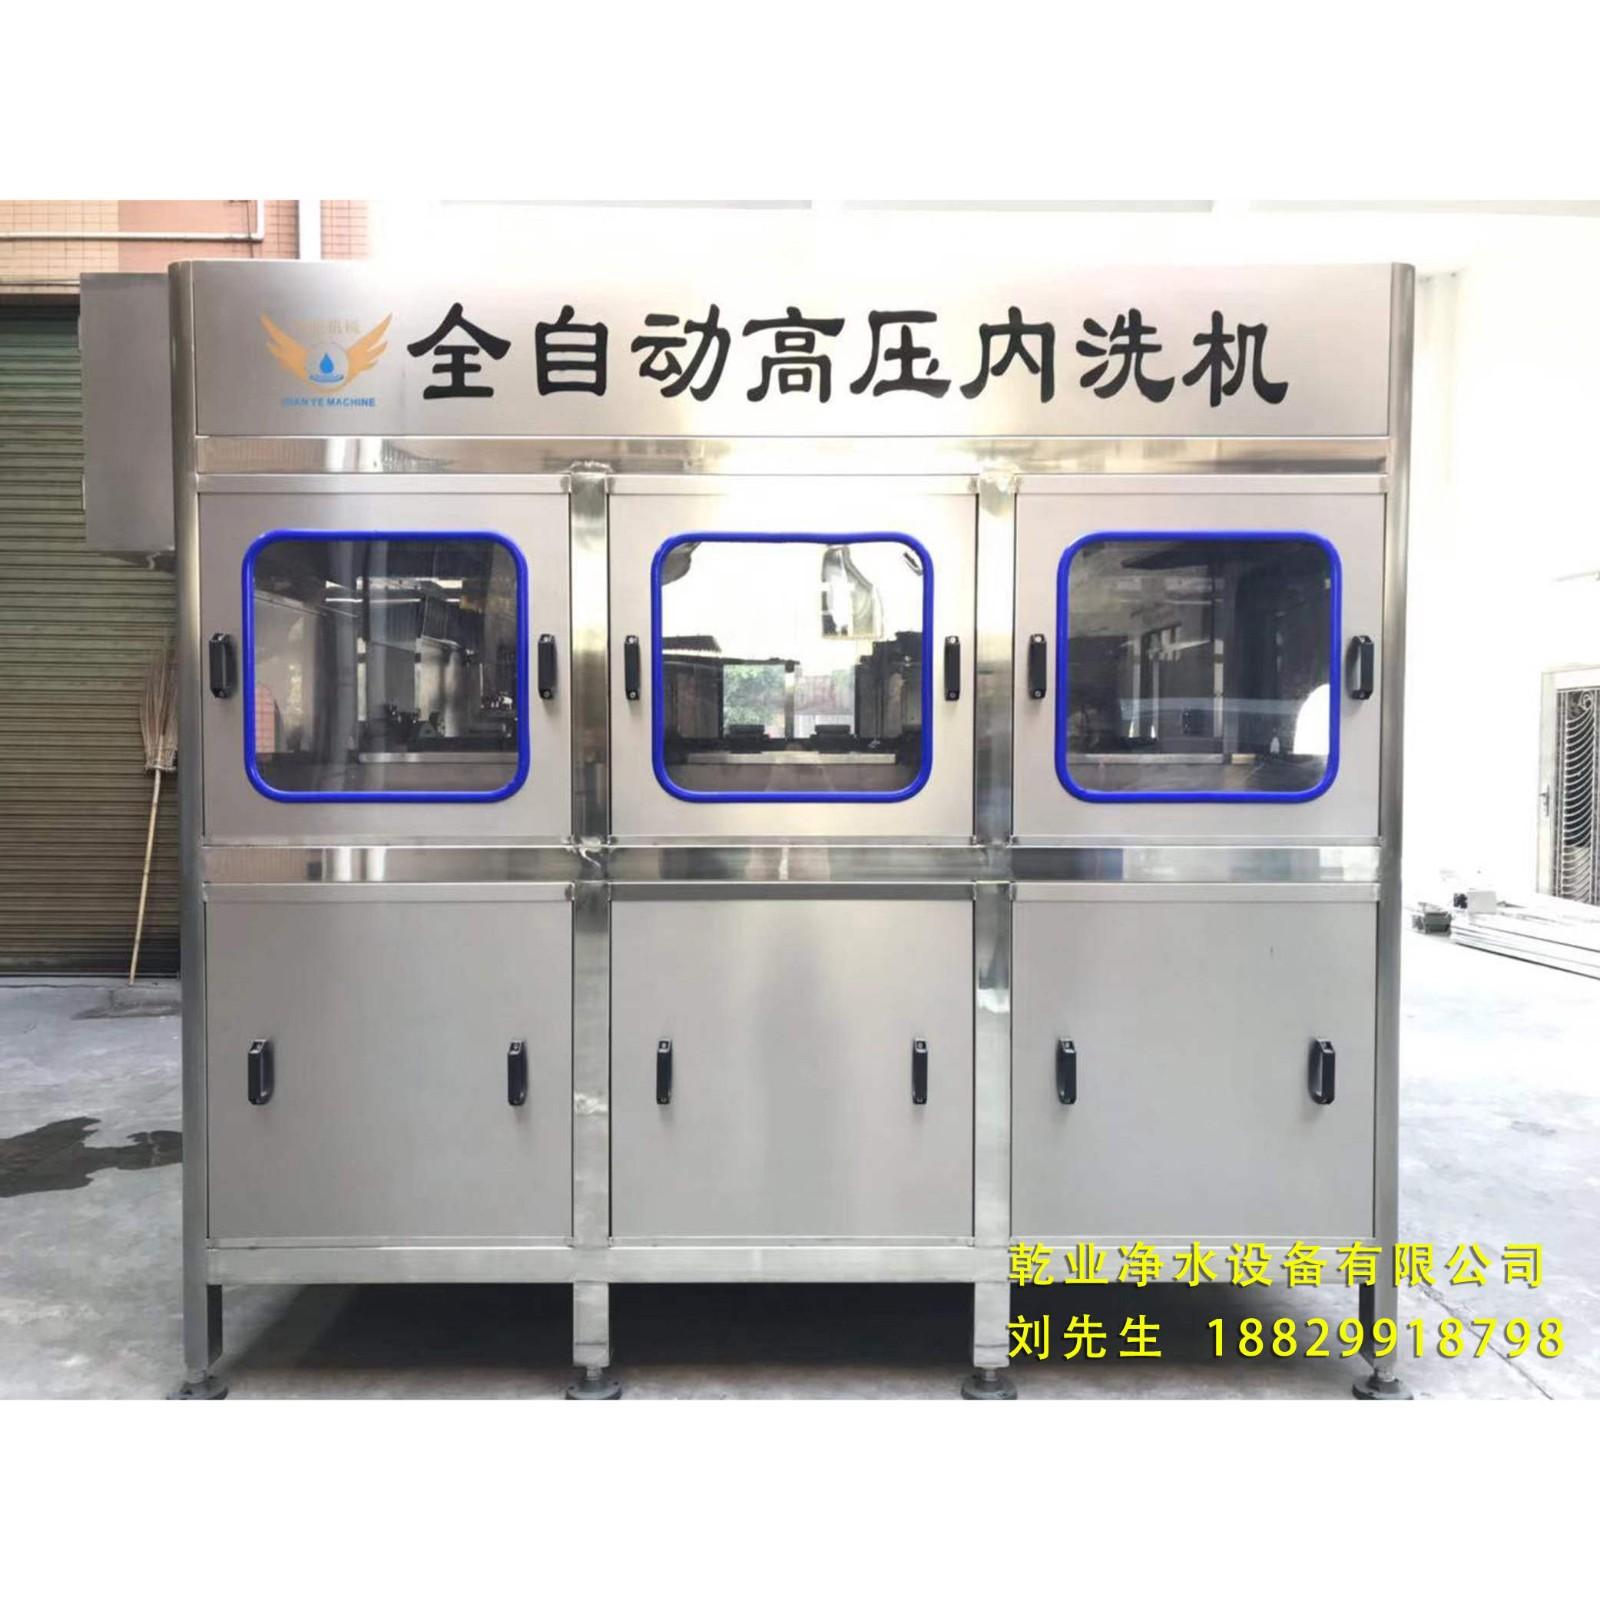 厂家直销 兼容桶装水设备-品牌企业QY15桶装纯净水灌装生产线 可定制